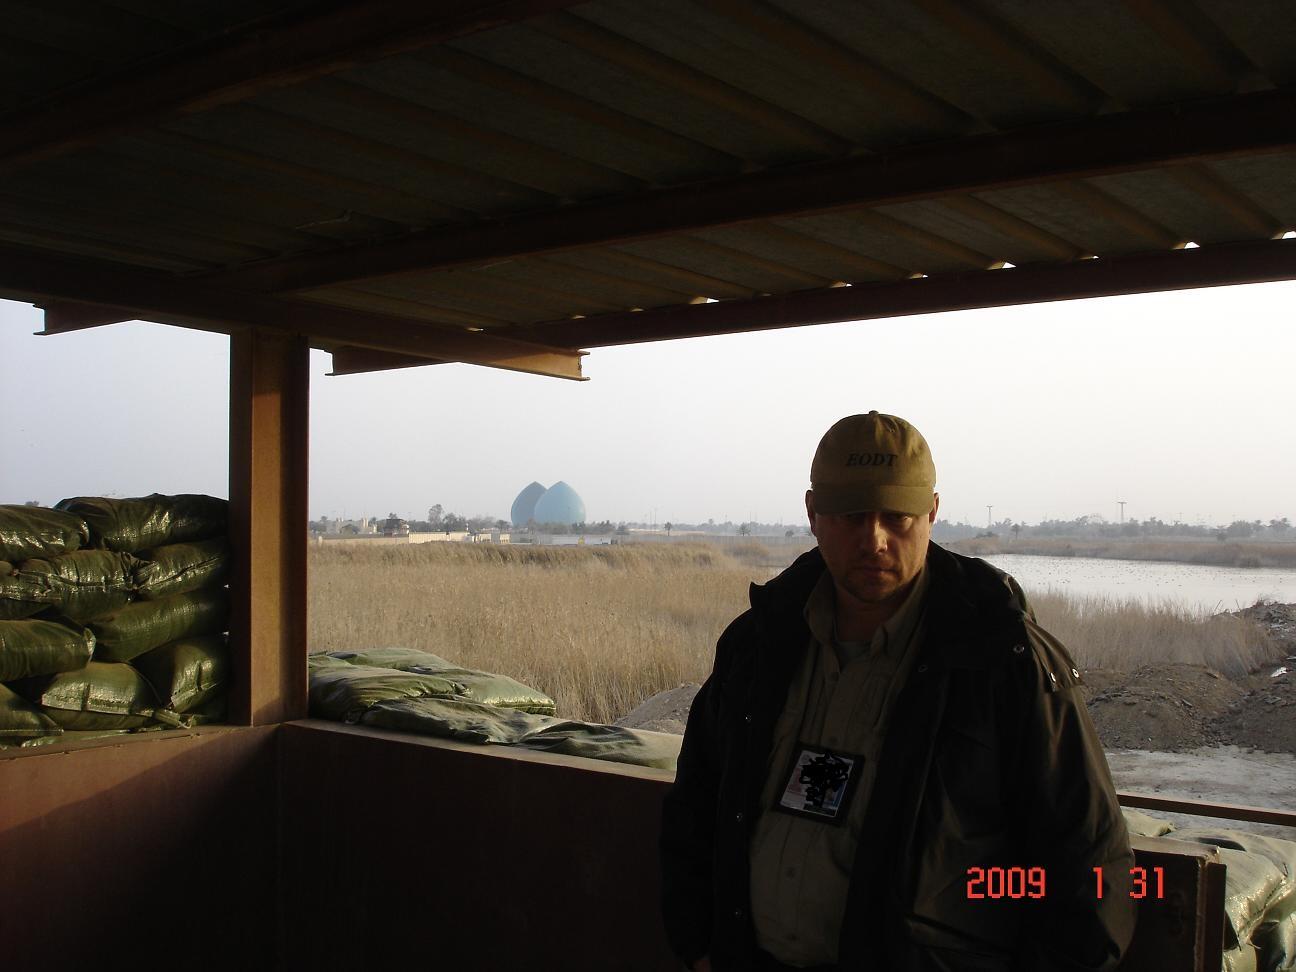 Oleg na fone Sadr sity